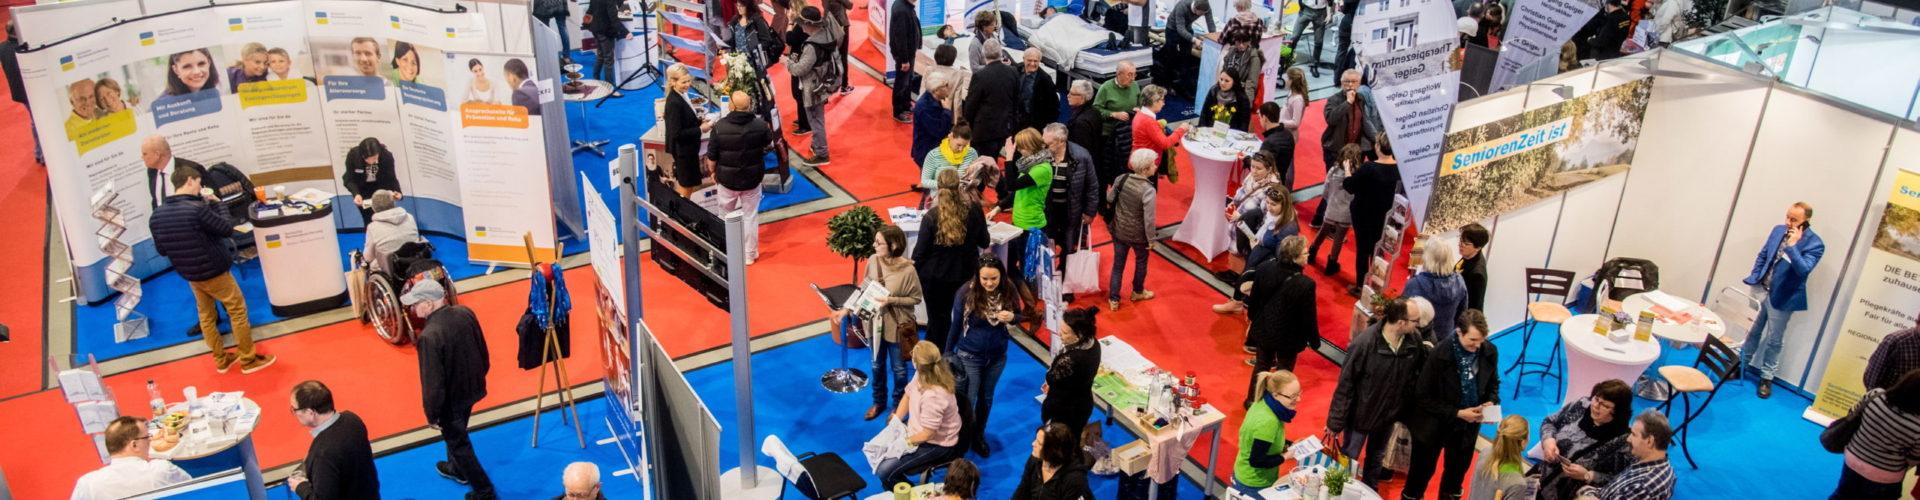 Vitawell Gesundheitsmesse 2019 Werfthalle Göppingen Sonntag